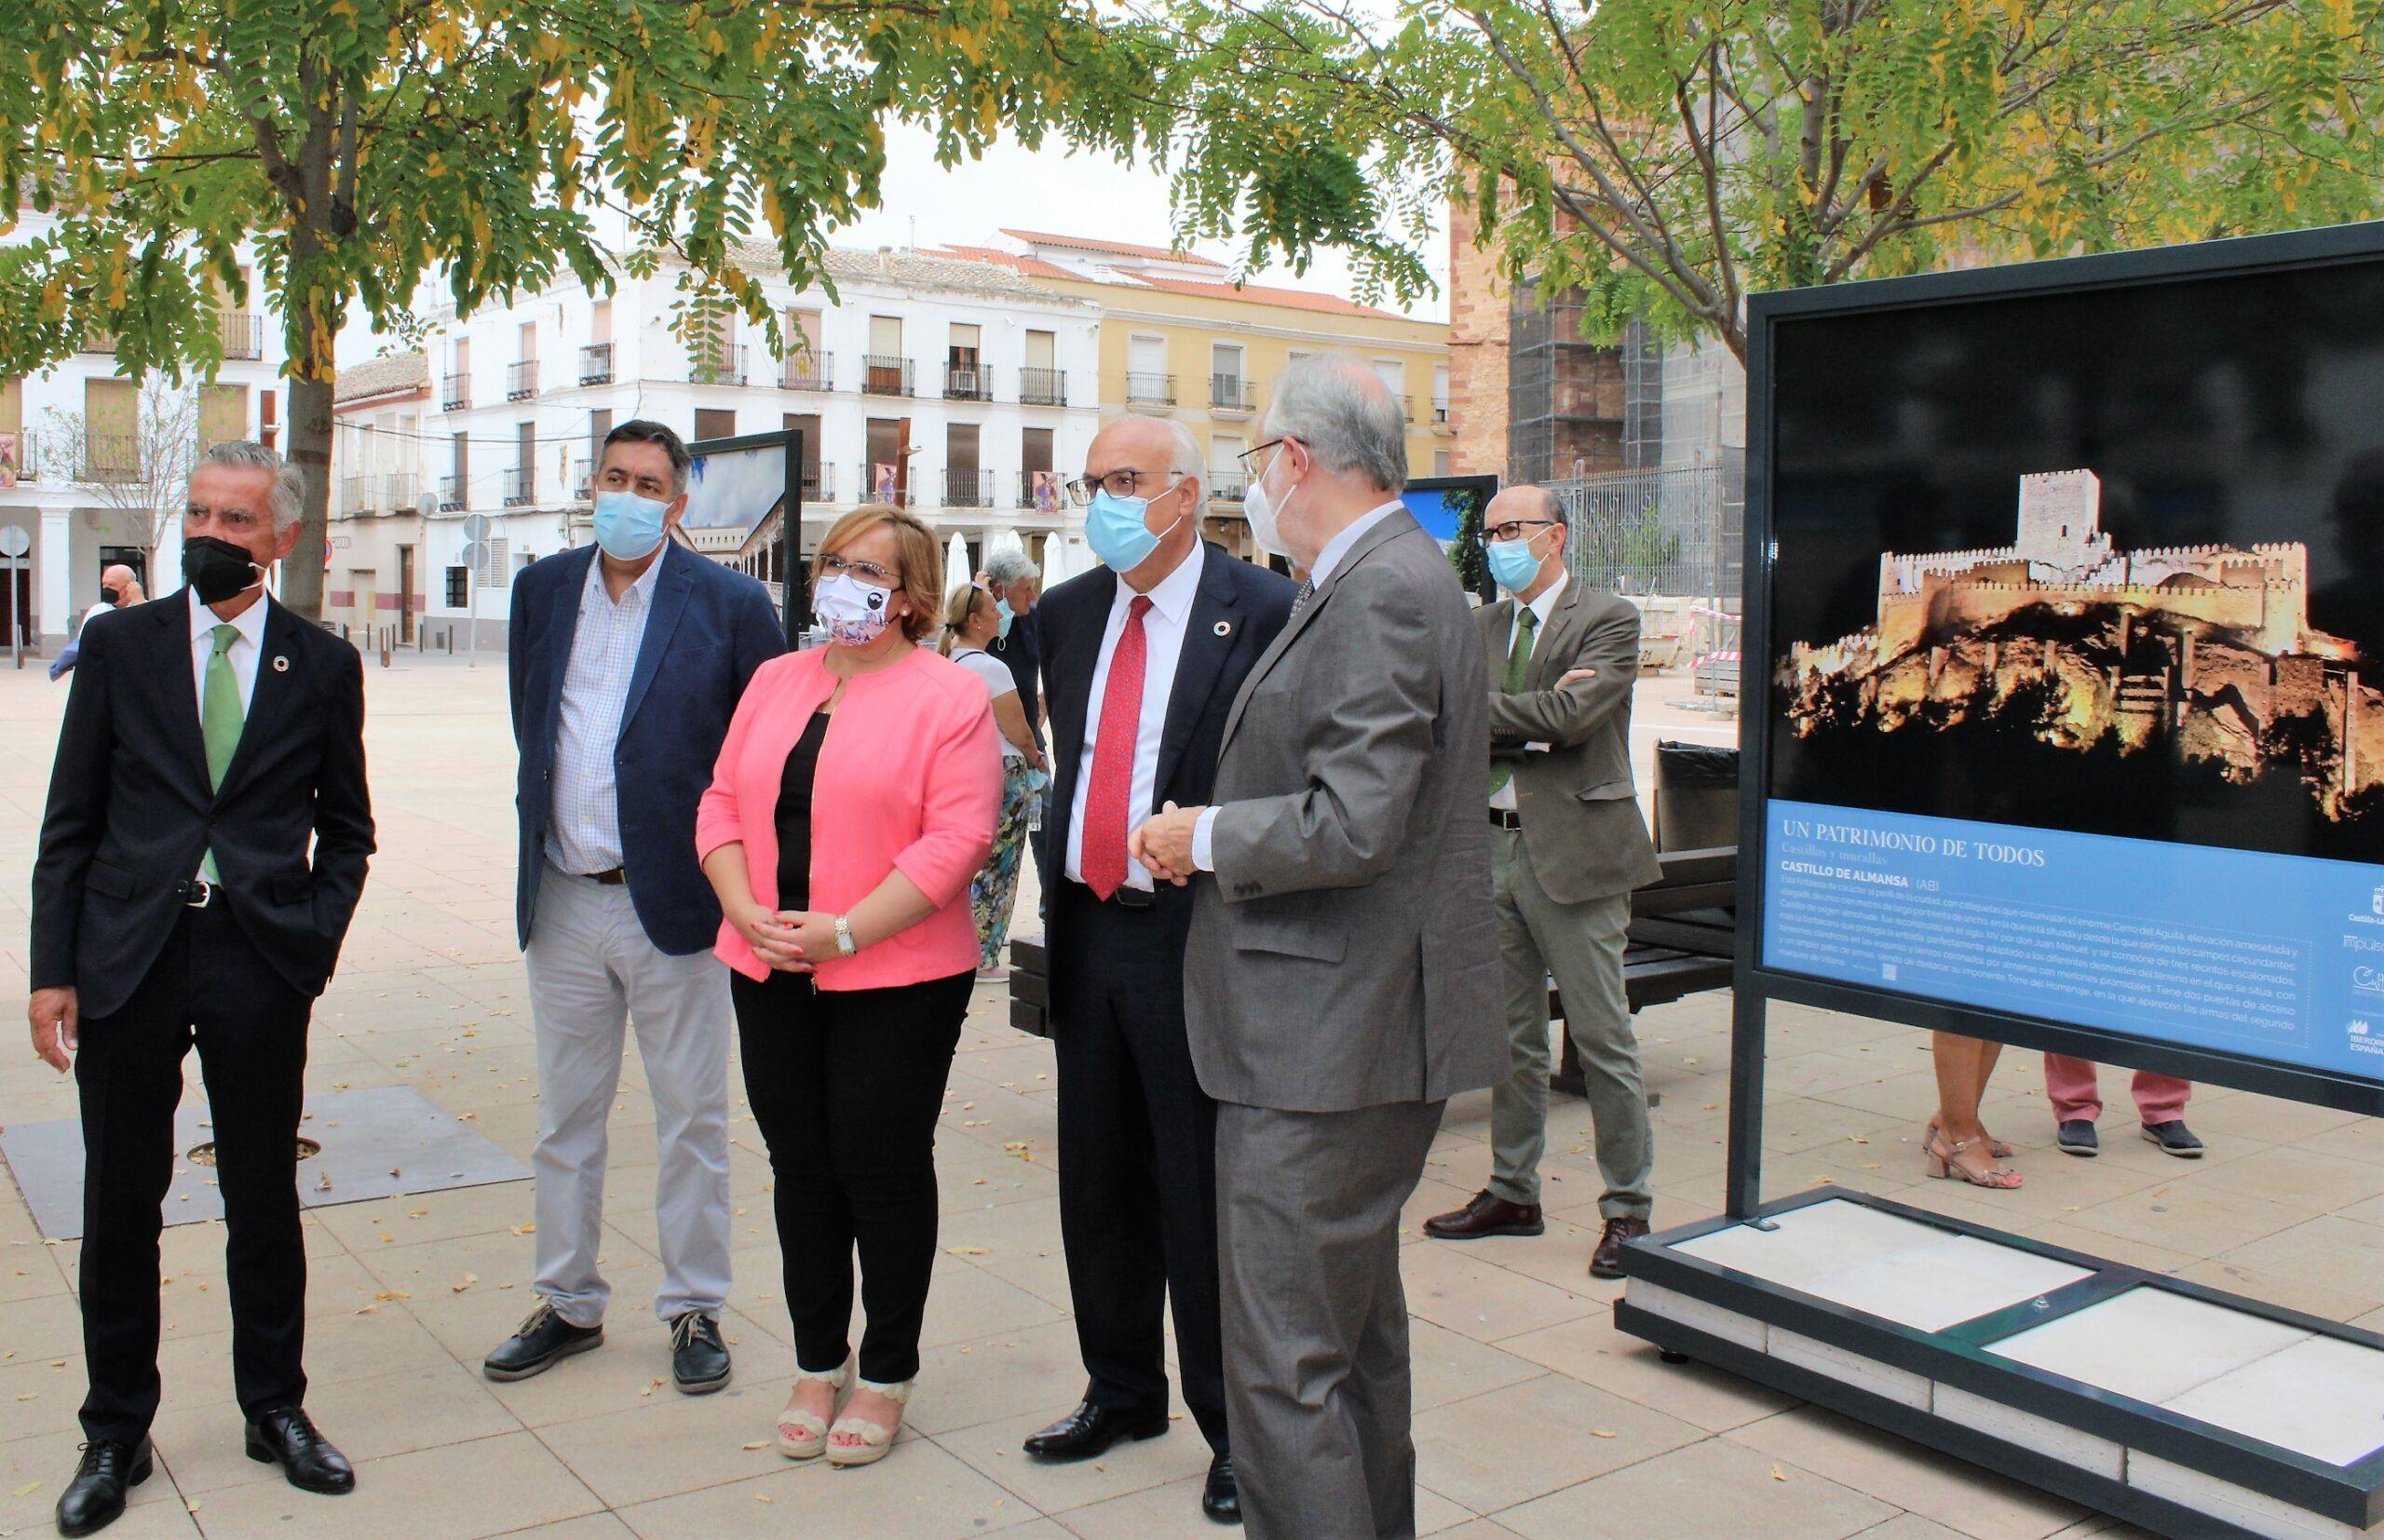 """El Gobierno de Castilla-La Mancha trae a la plaza de la Constitución de Manzanares la exposición fotográfica""""Un patrimonio de todos"""""""